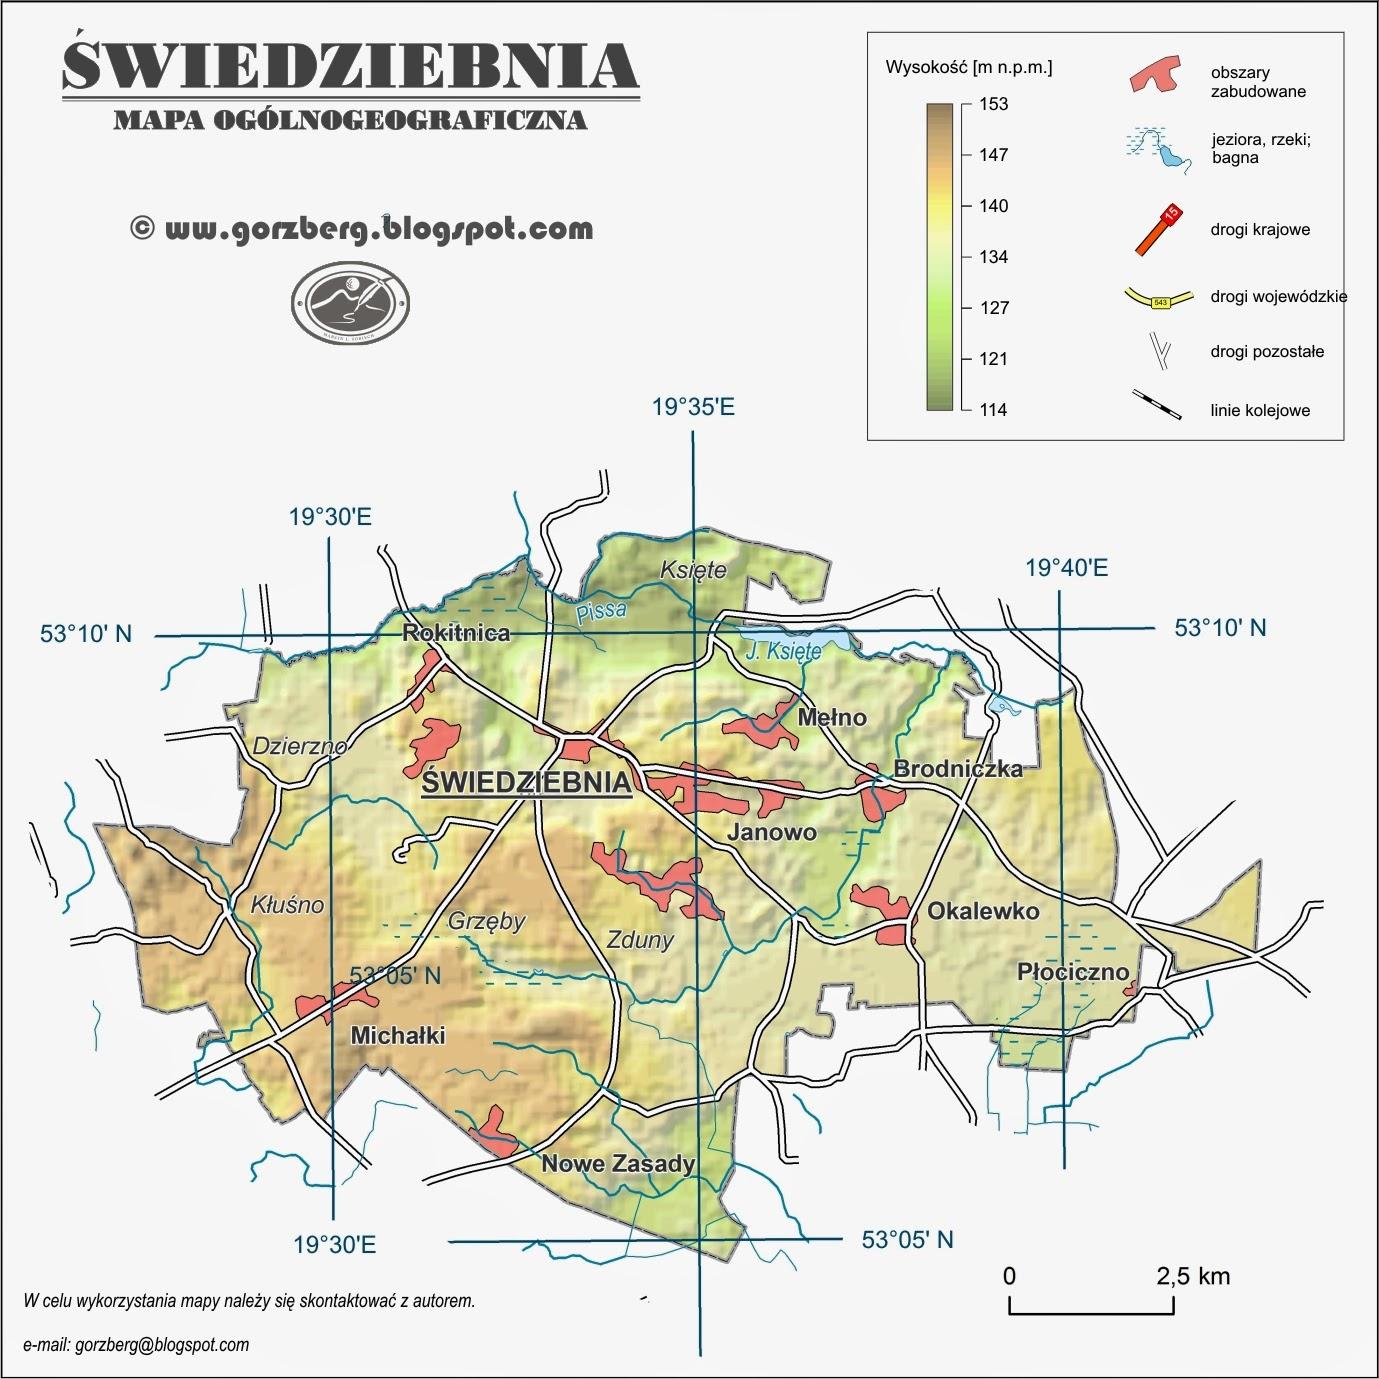 Mapa ogólnogeograficzna gminy Świedziebnia